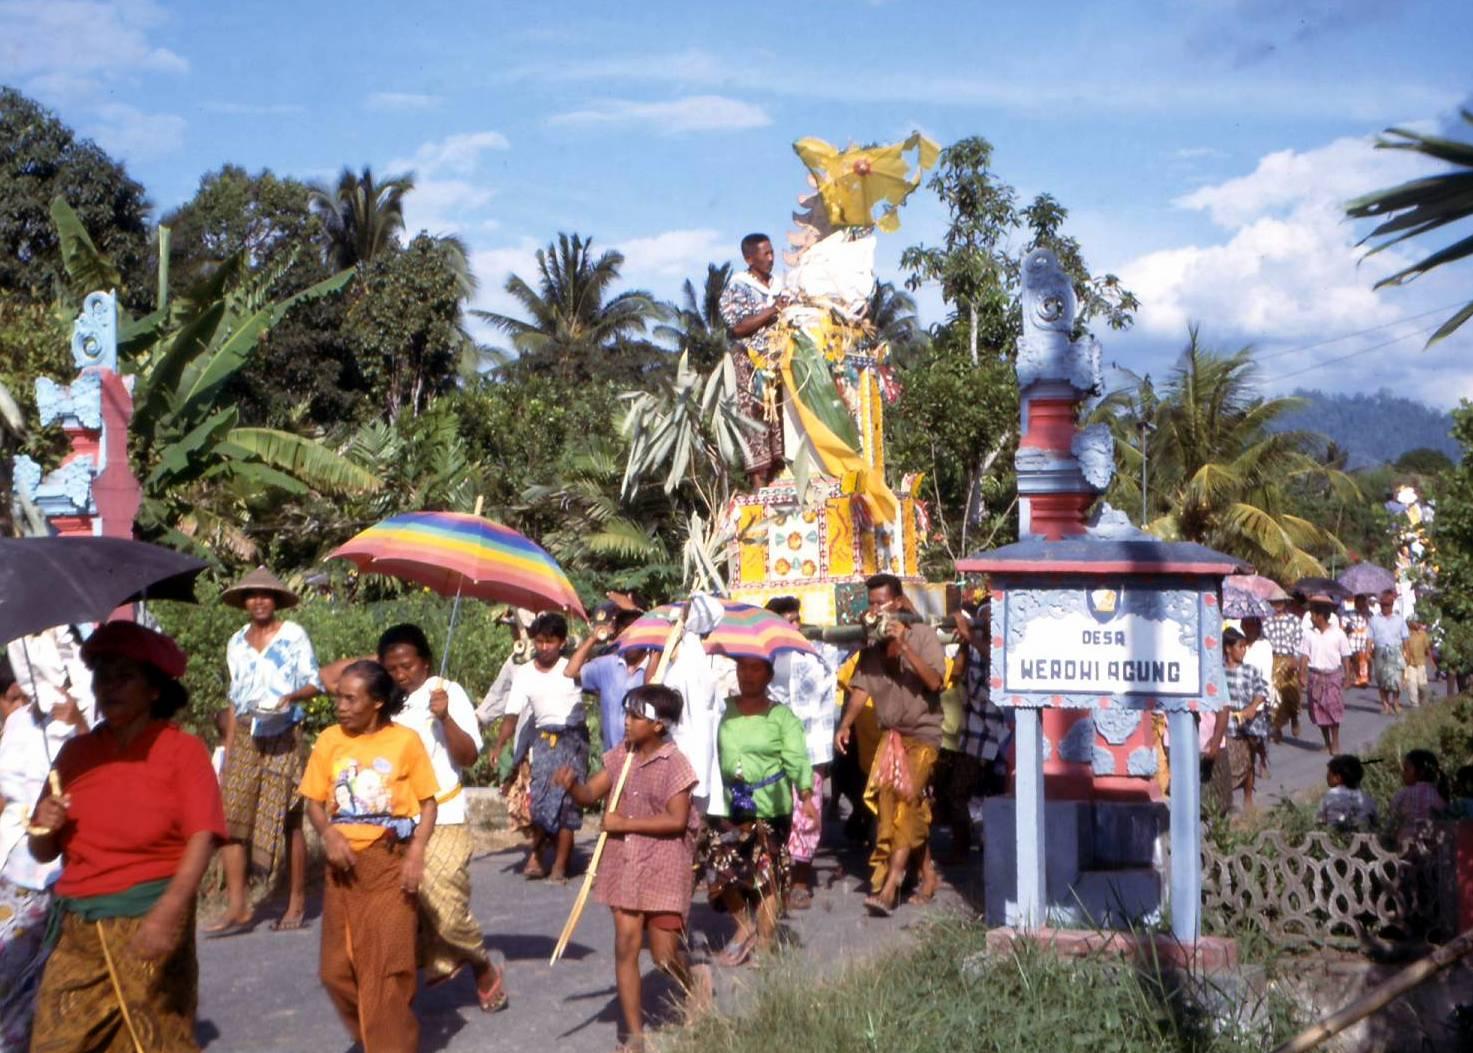 A funeral procession leaves Desa Werdhi Agung